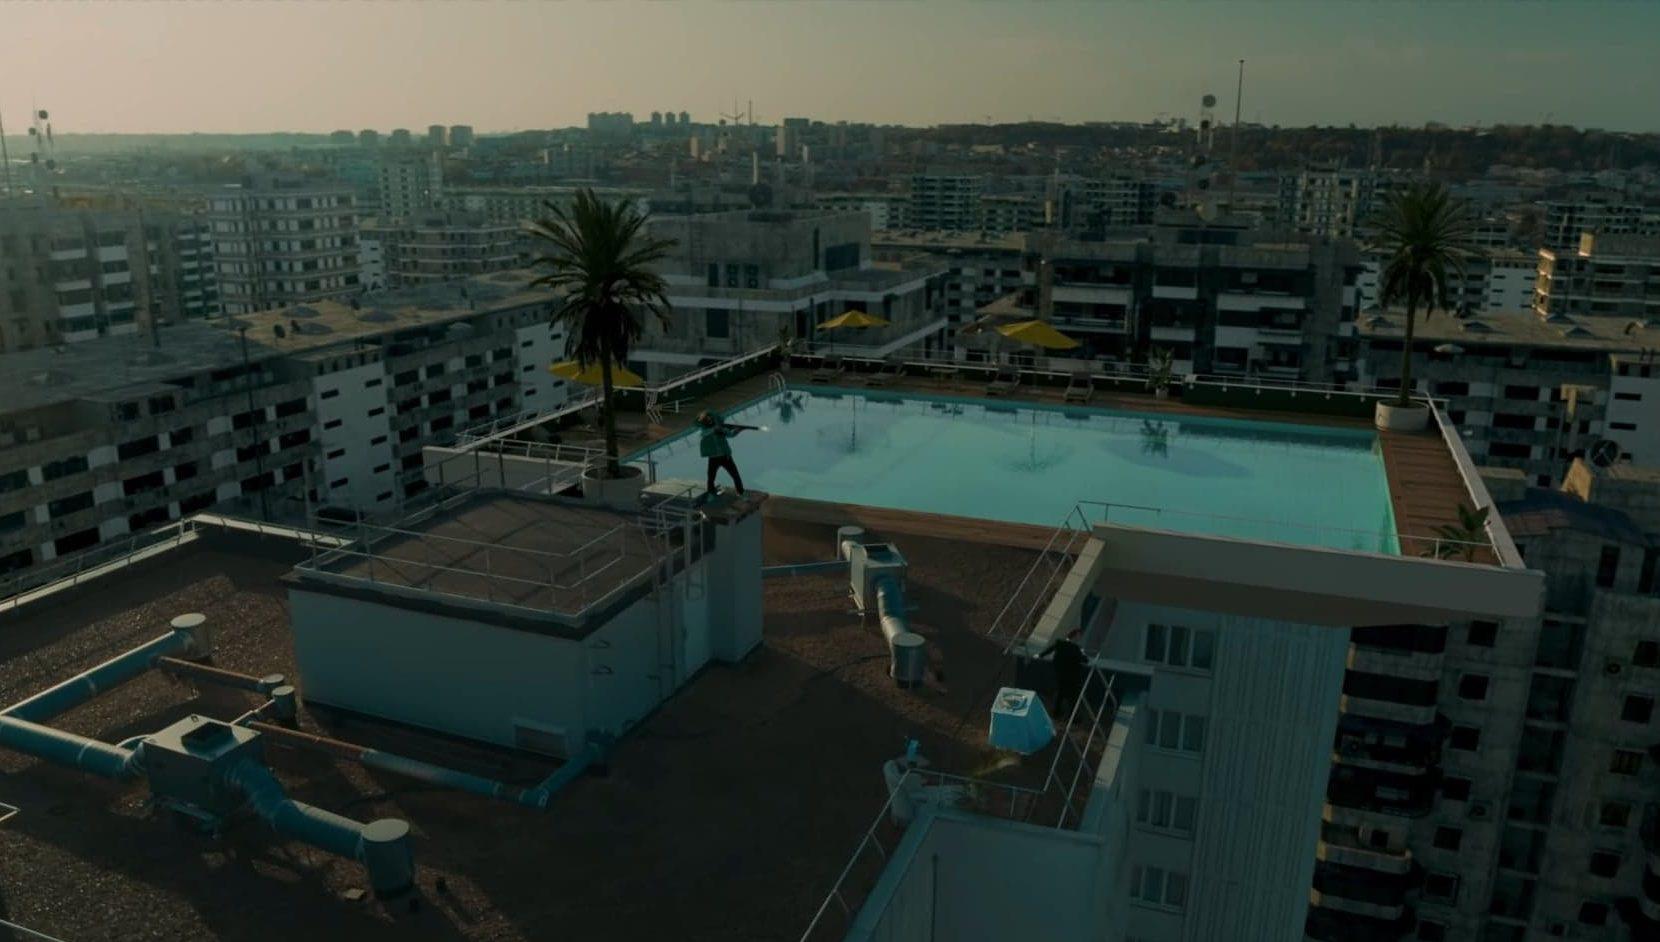 rooftop-sch-tire-clip-rec118-marques